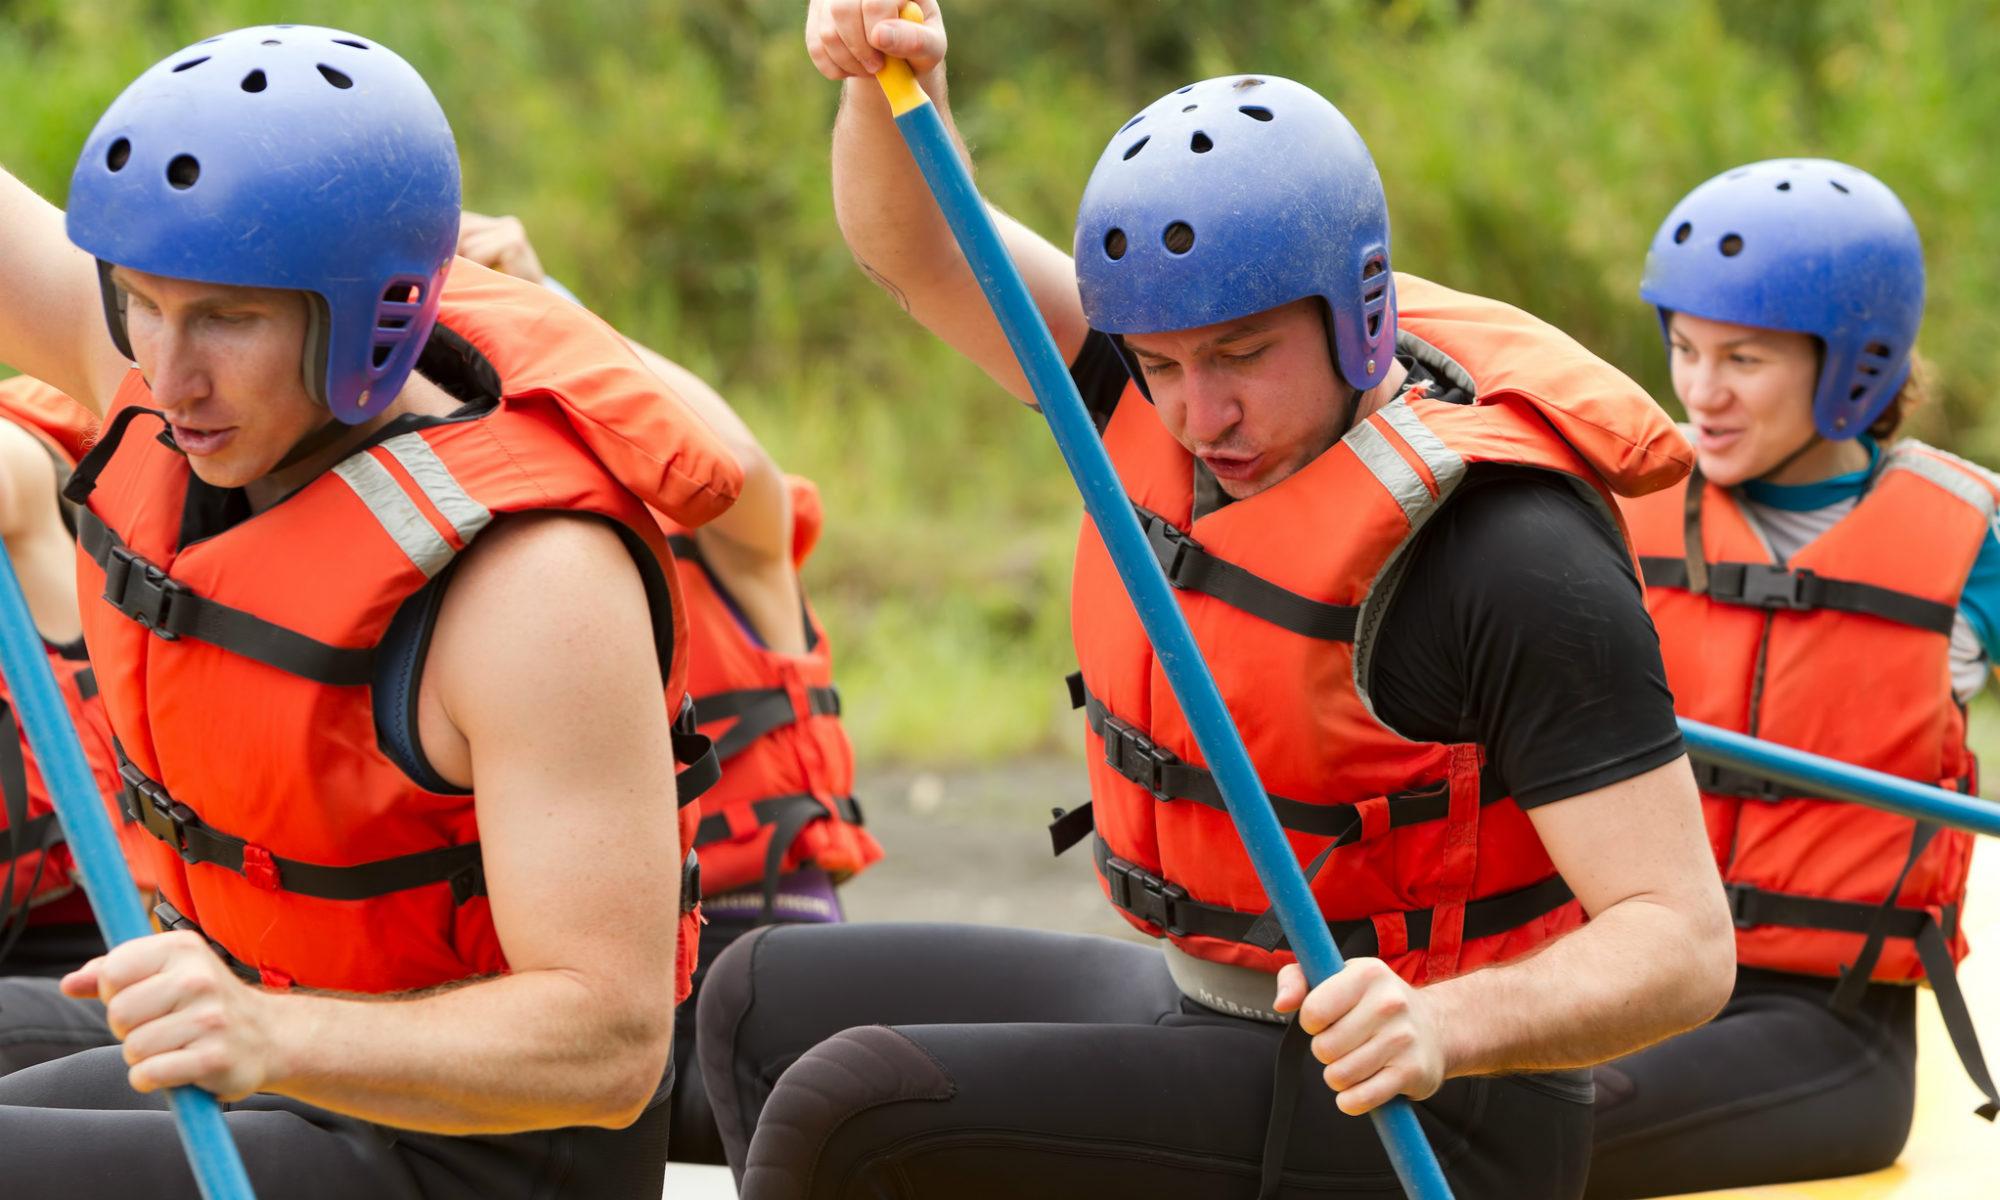 2 Männer und eine Frau setzen ihre Stechpaddel beim Rafting auf einem Fluss ein.